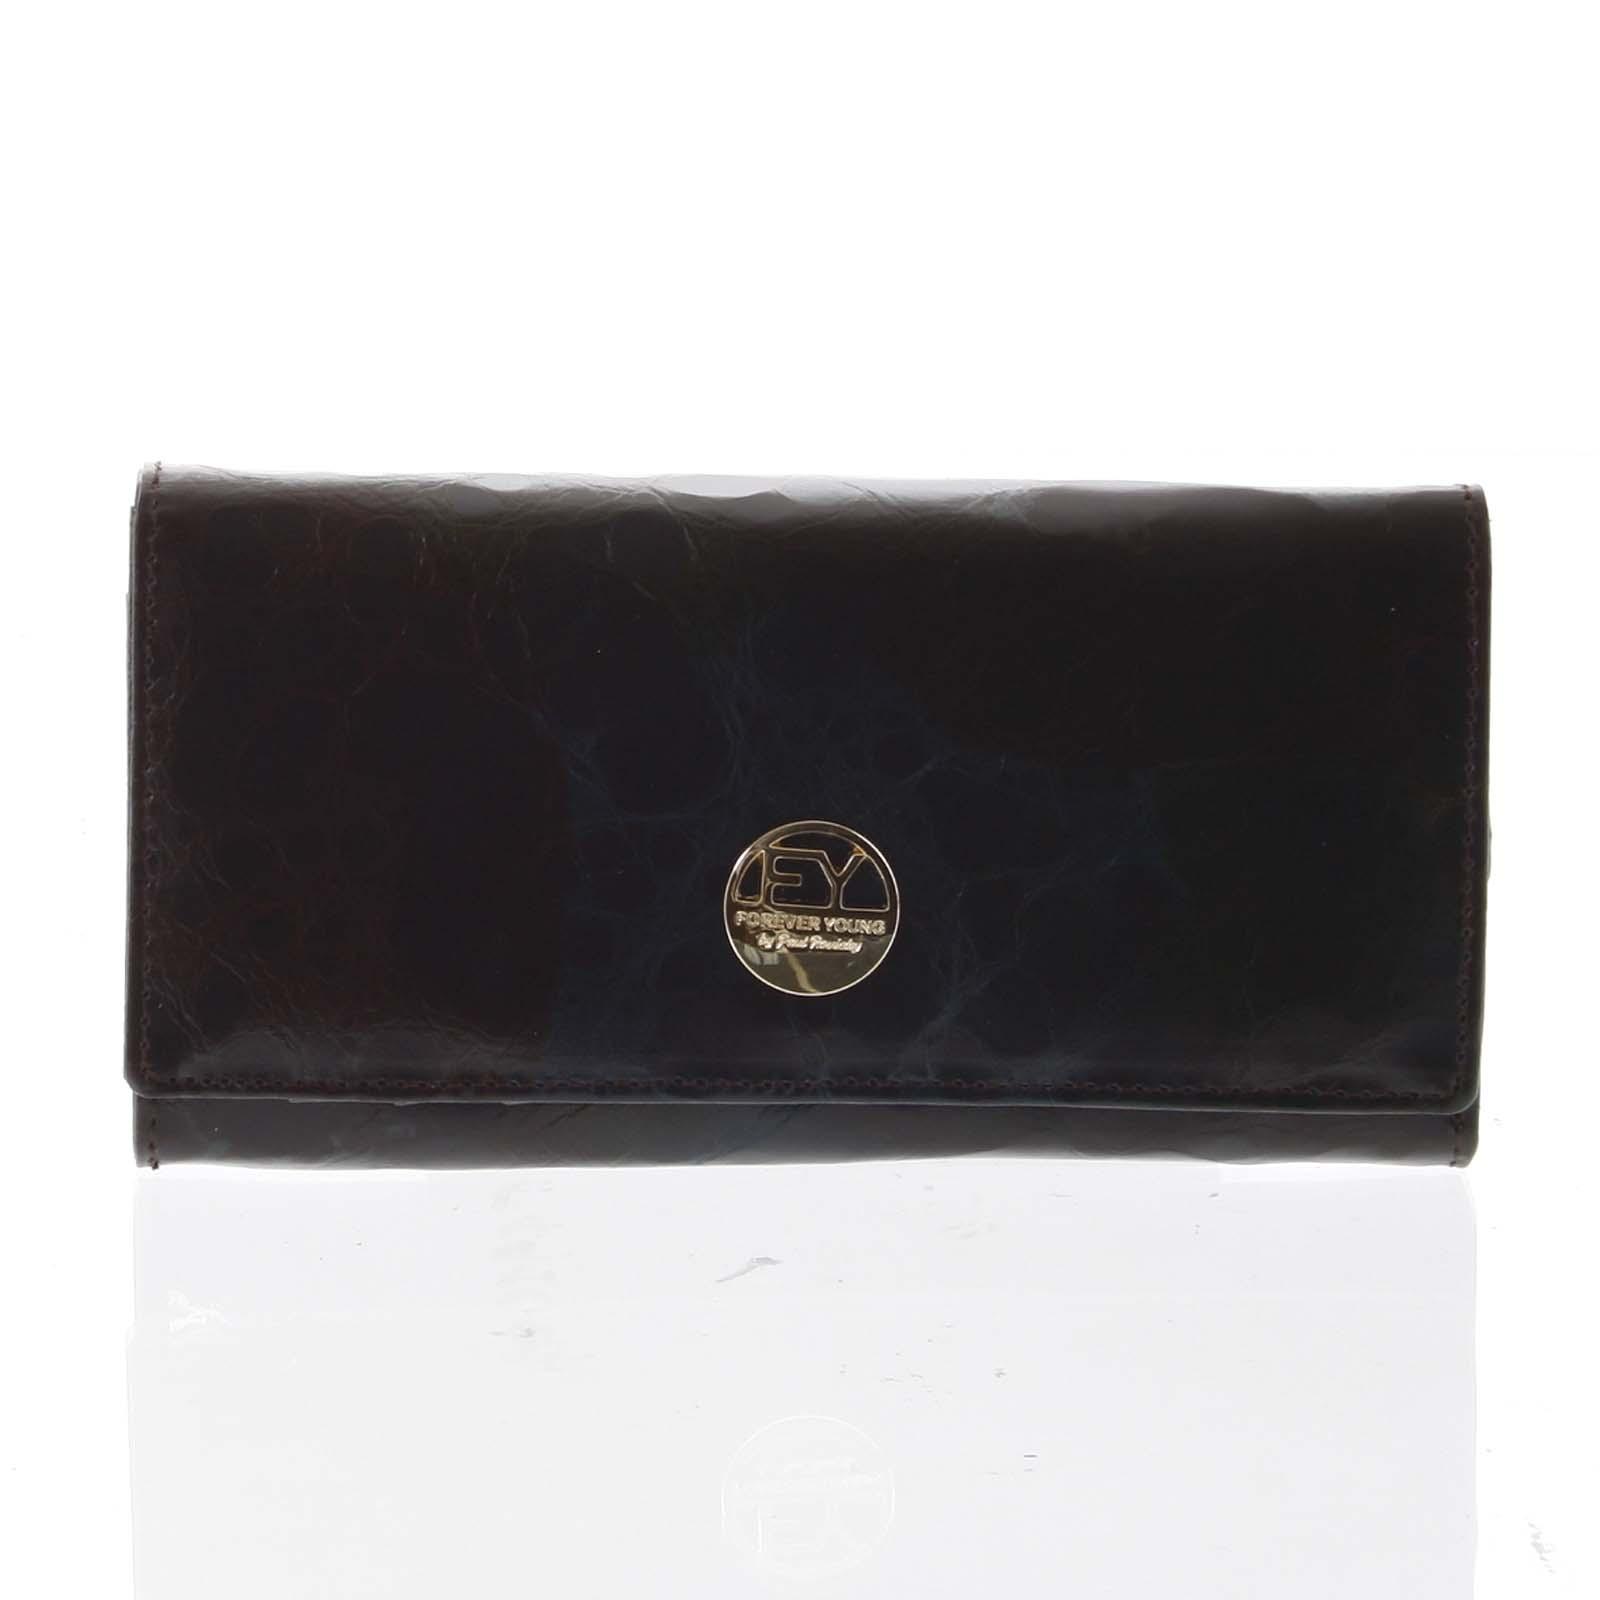 Elegantná dámska kožená peňaženka čierna - Rovicky 64003 čierna